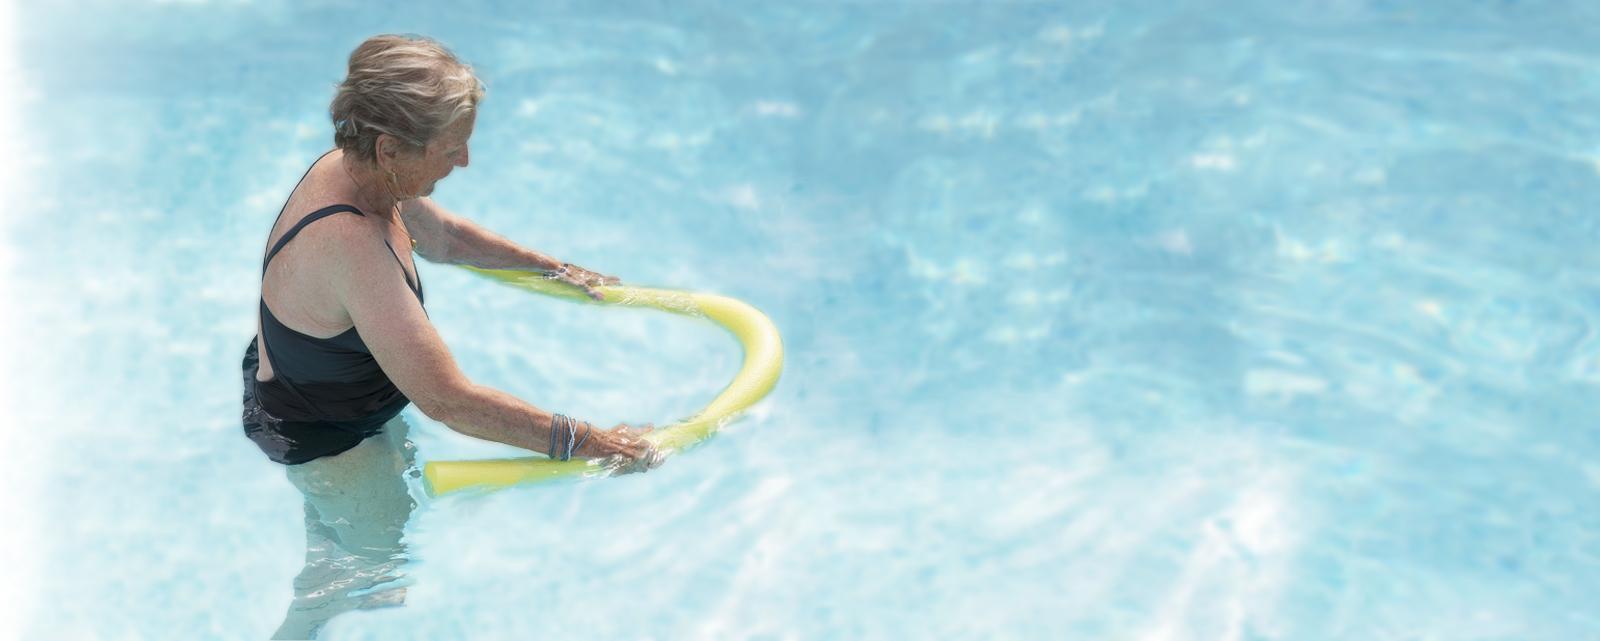 idrokinesi terapia - fisioterapia in acqua